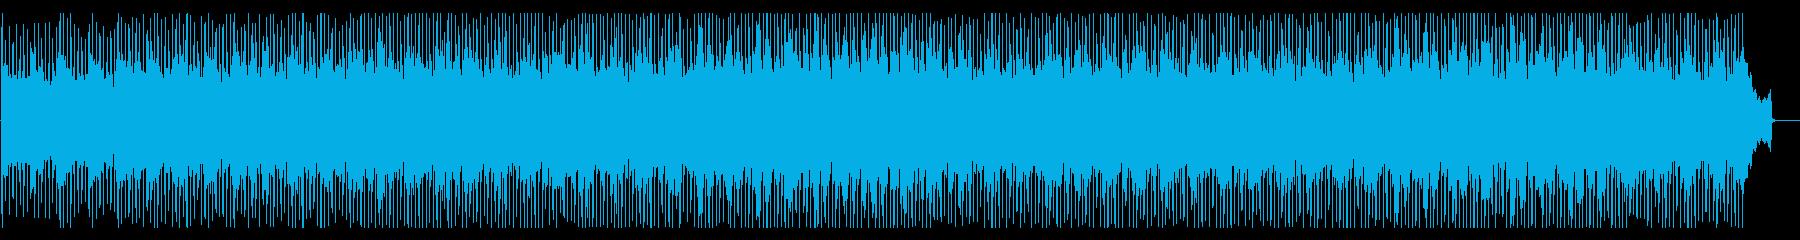 企業VP 学校紹介 期待感 ワクワクの再生済みの波形